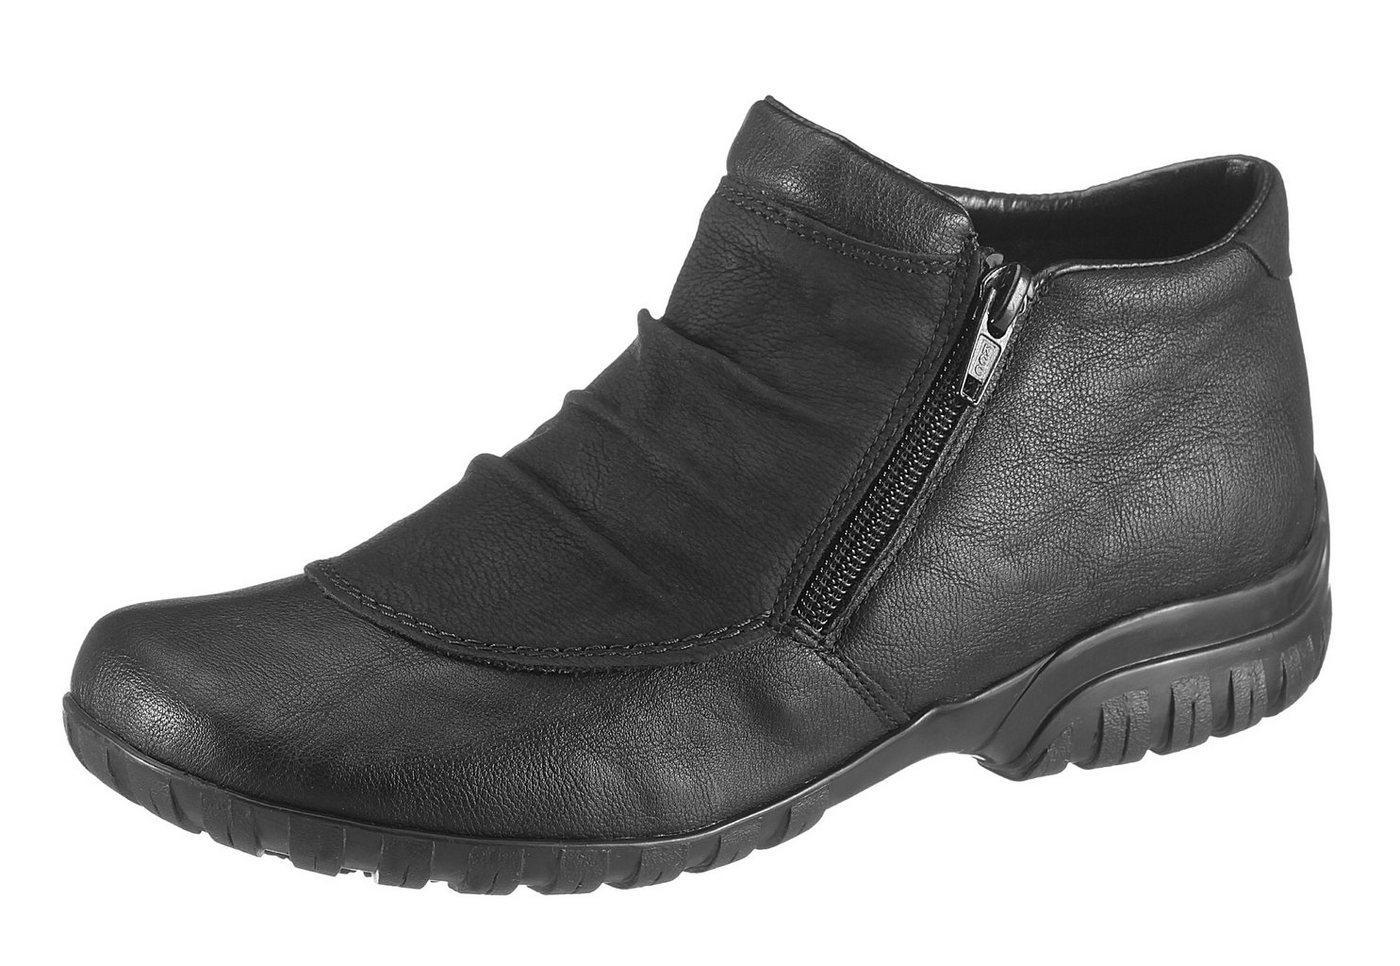 Damen Rieker Boots im sportlichen Design schwarz   04020932383367